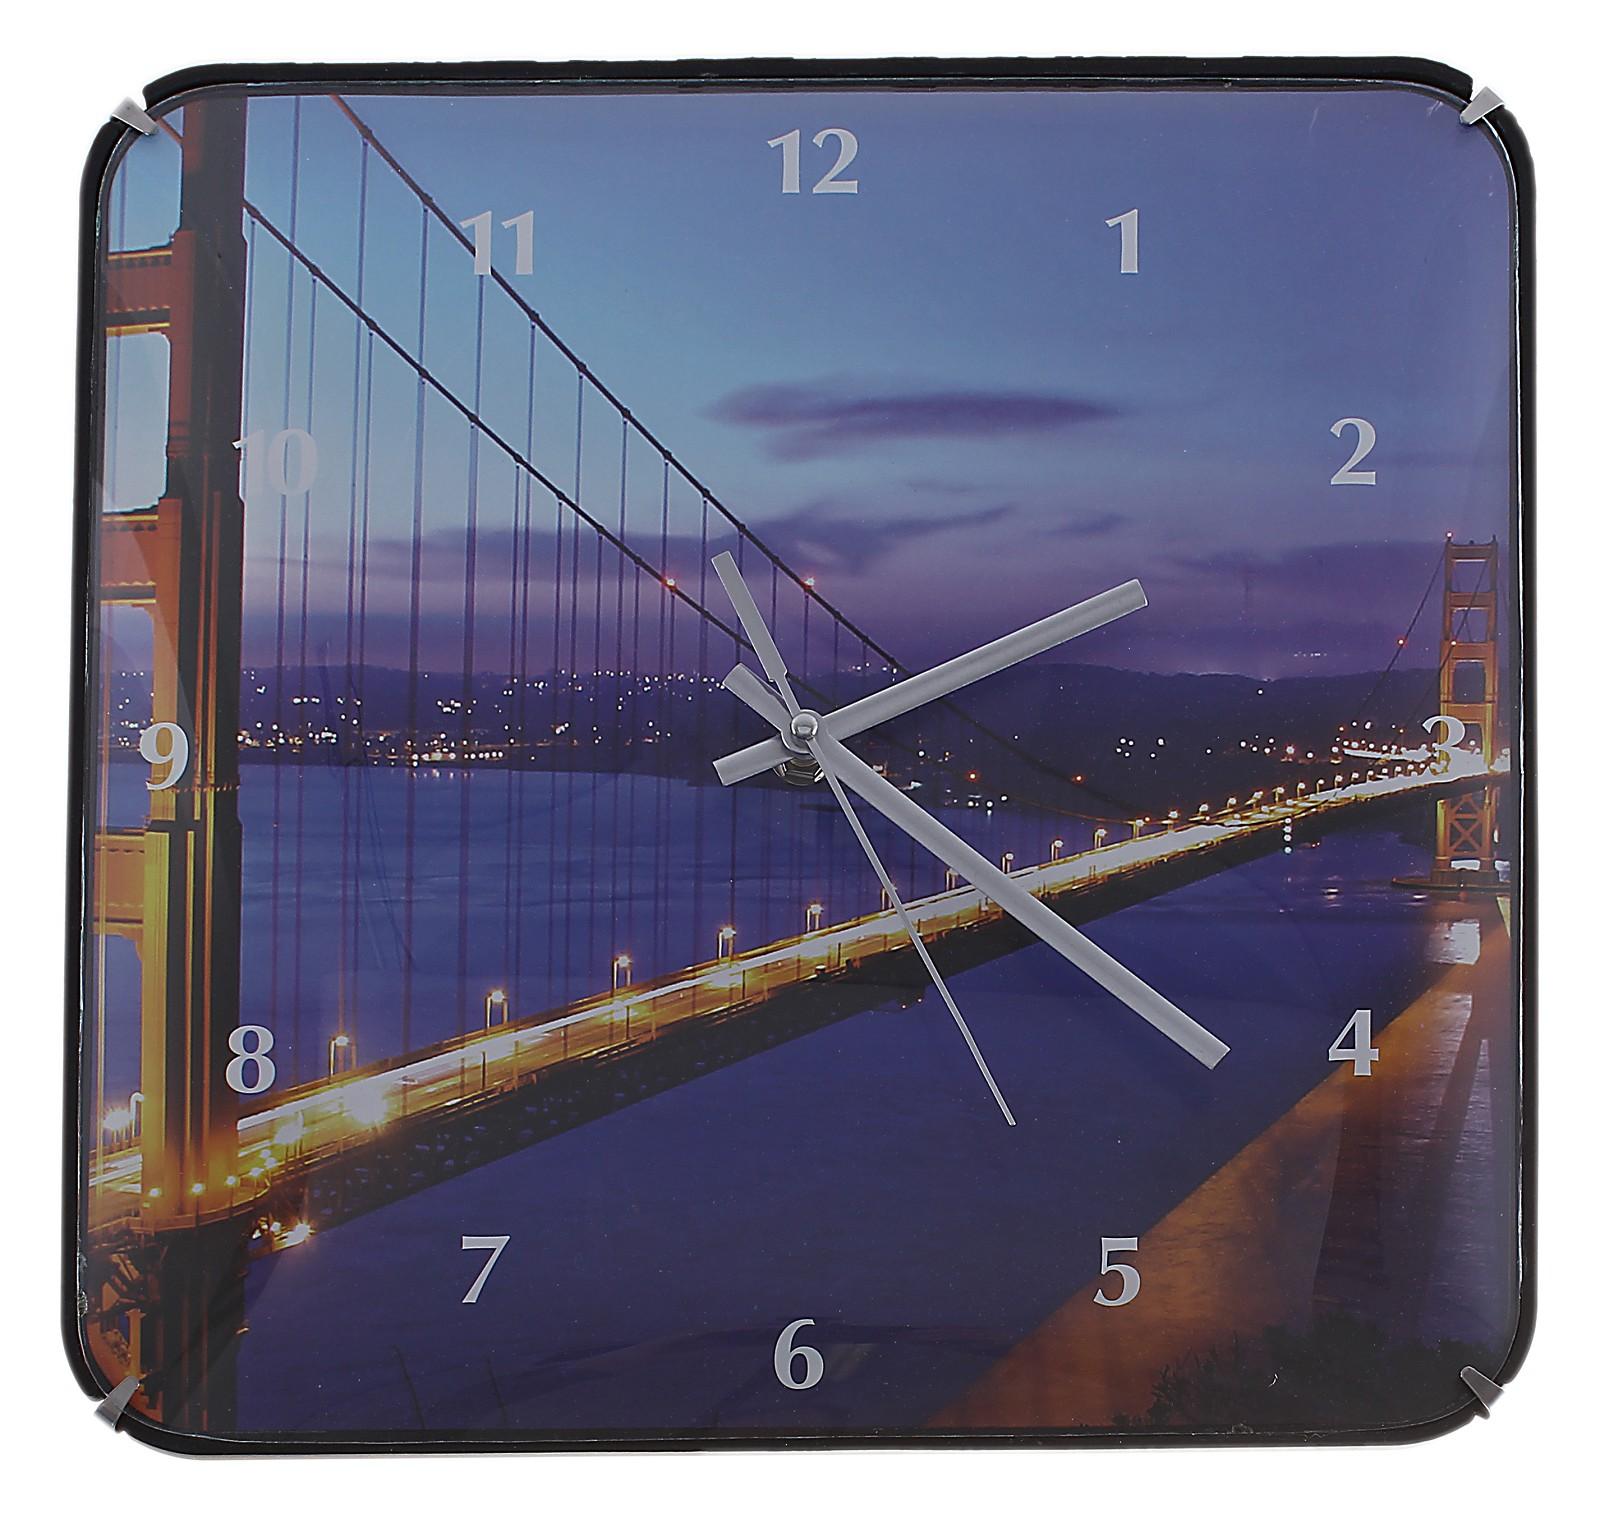 Часы настенные Ночной мост, цвет: темно-синий. 589196300074_ежевикаОригинальные настенные часы Ночной мост квадратной формы выполнены из пластика и оформлены изображением моста. Часы имеют три стрелки - часовую, минутную и секундную. Циферблат часов защищен пластиком. Необычное дизайнерское решение и качество исполнения придутся по вкусу каждому. Оформите совой дом таким интерьерным аксессуаром или преподнесите его в качестве презента друзьям, и они оценят ваш оригинальный вкус и неординарность подарка. Характеристики:Материал: пластик, металл. Размер: 3 см x 30 см x 30 см. Размер упаковки: 31 см х 31,5 см х 4,5 см. Артикул:589196. Работают от батарейки типа АА (в комплект не входит).